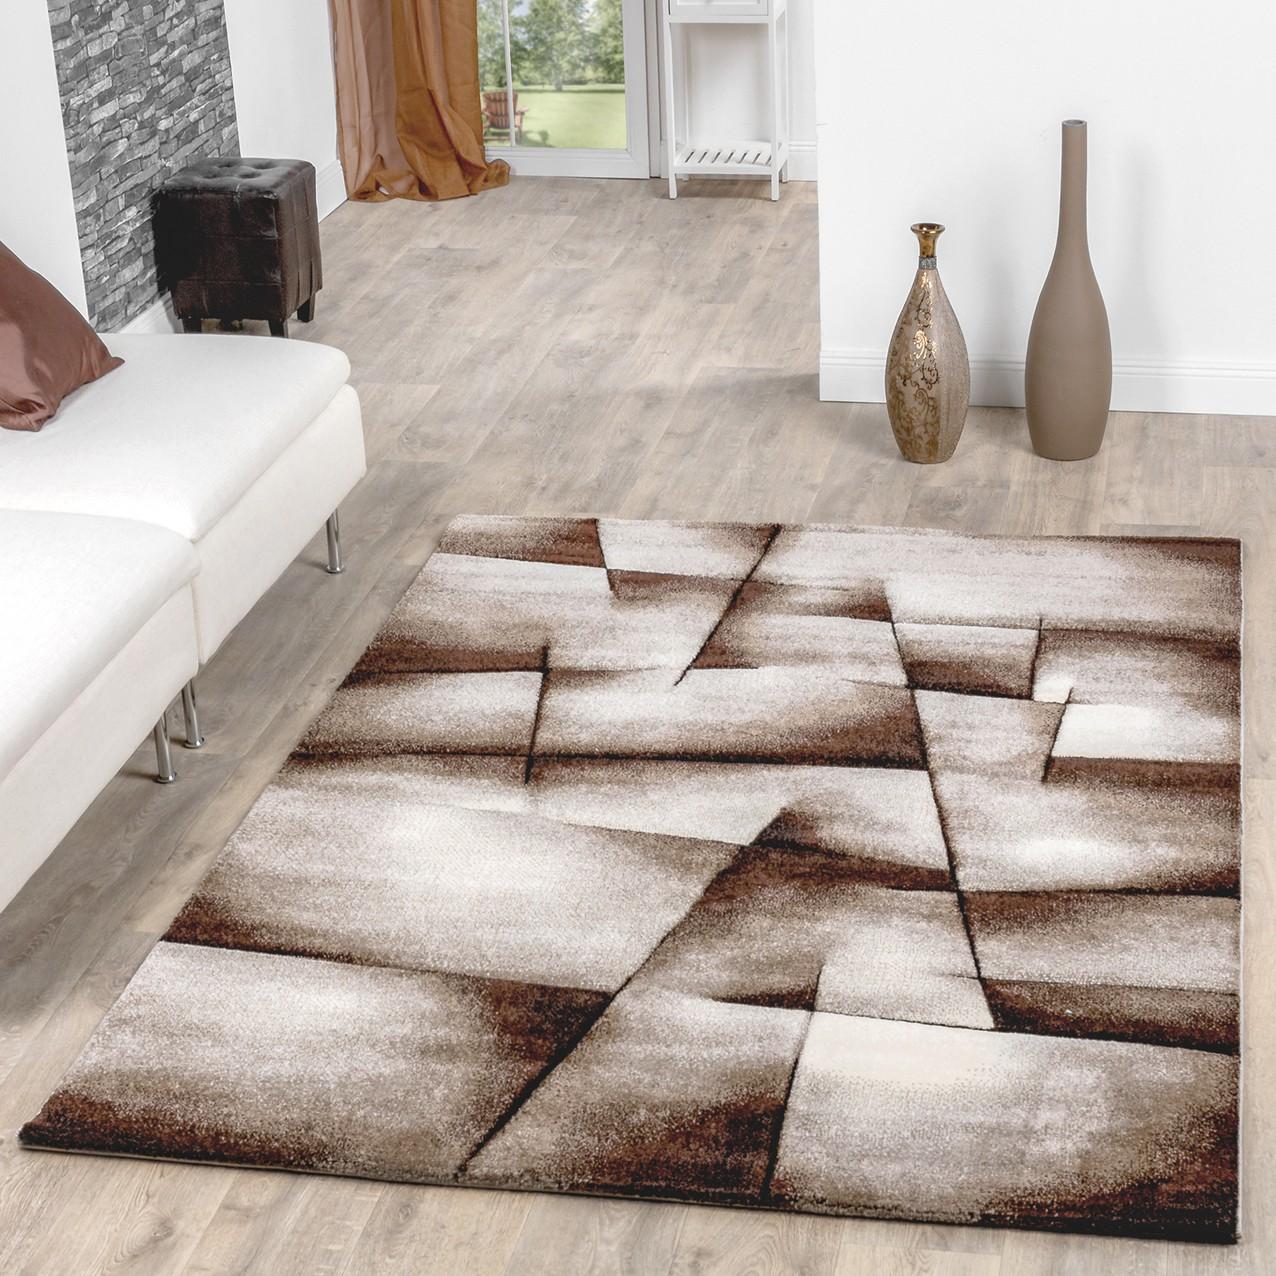 Schon Teppich Beige Braun Teppich Konturenschnitt AUSVERKAUF